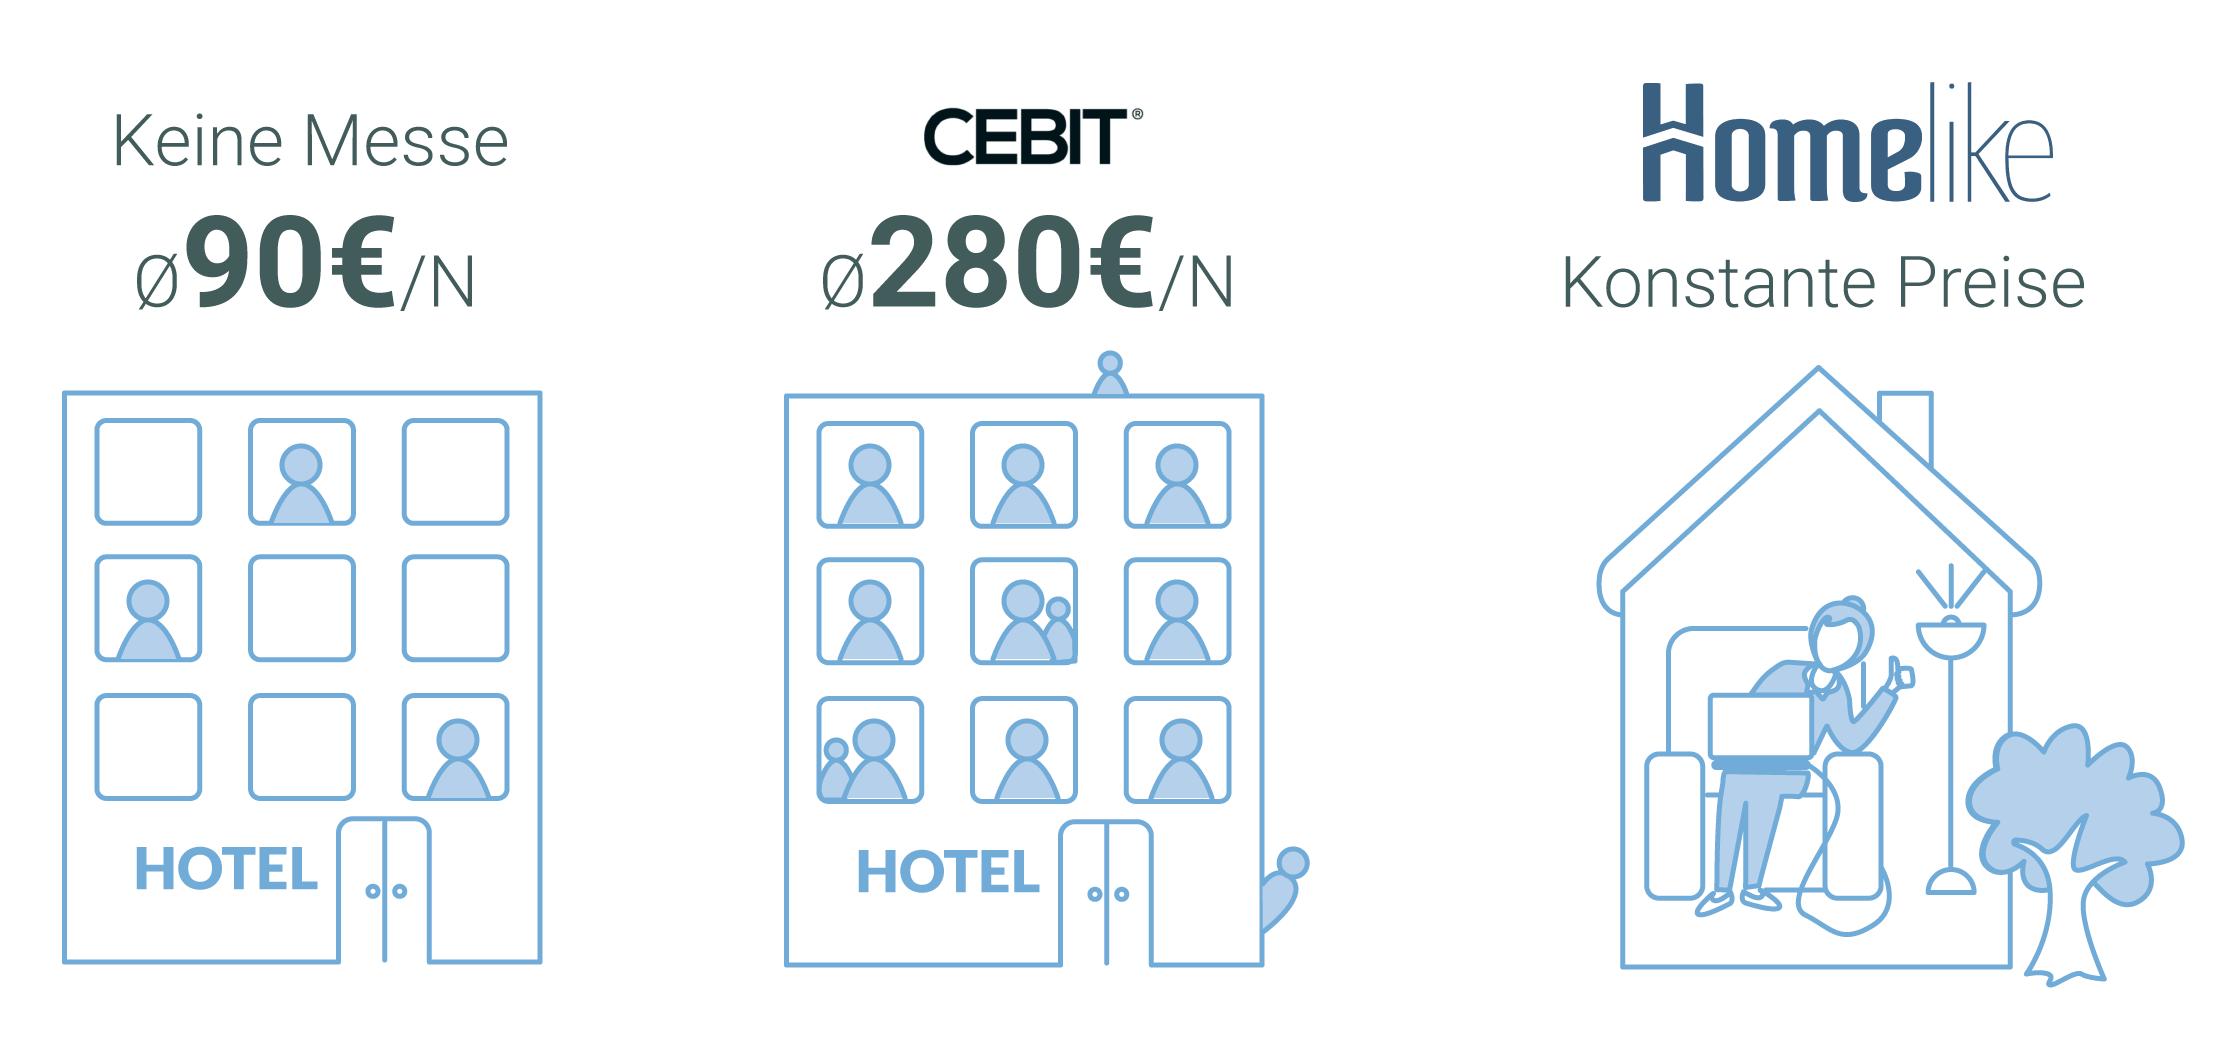 Hier würden Sie einen Vergleich zwischen den durchschnittlichen Kosten eines Hotels zu Messezeit und Homelikes möblierten Wohnungen in Hannover sehen